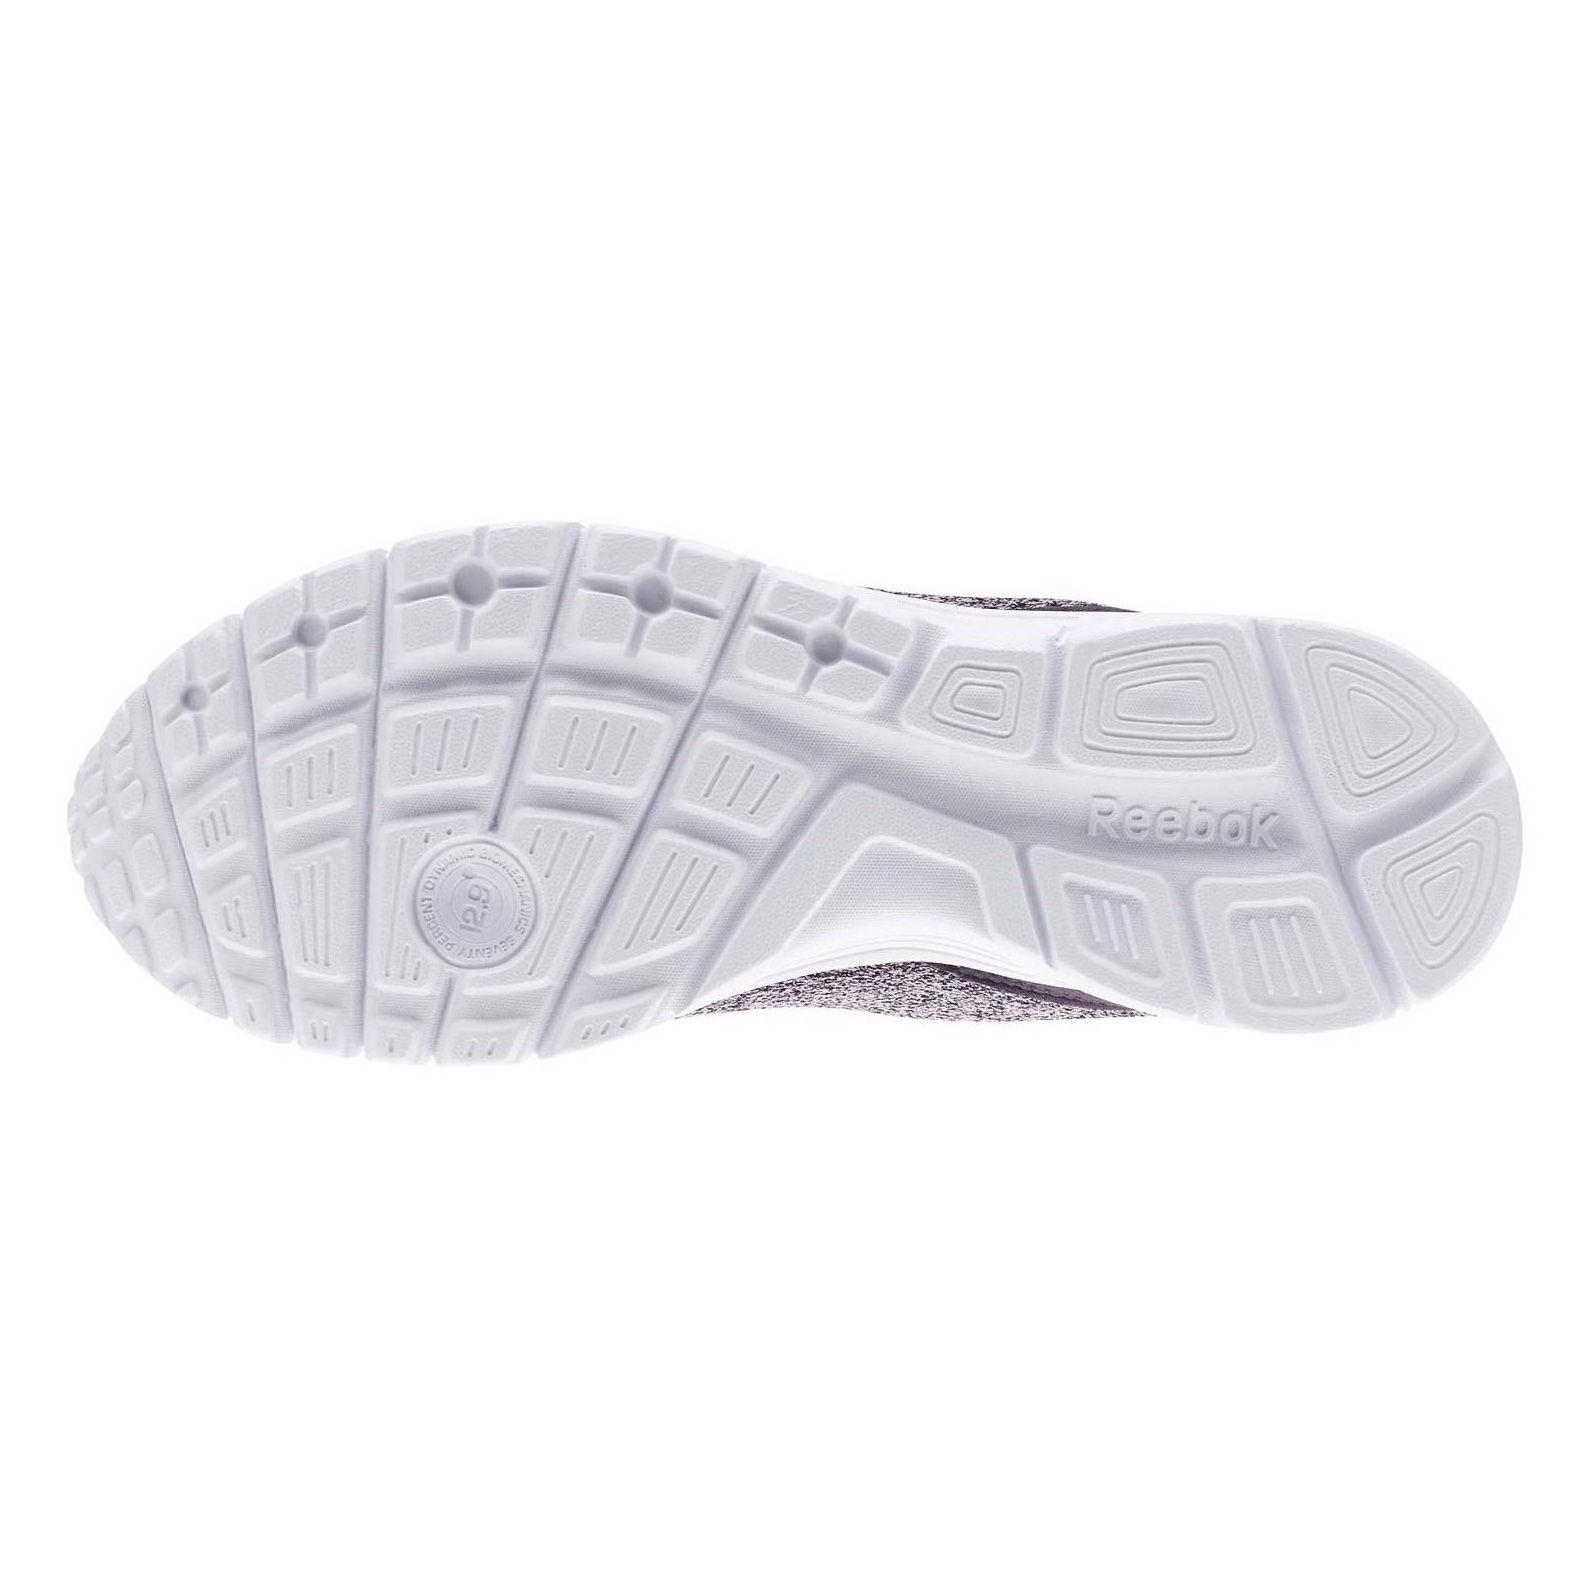 کفش مخصوص دویدن زنانه ریباک مدل Speedlux 3-0 - طوسي - 2